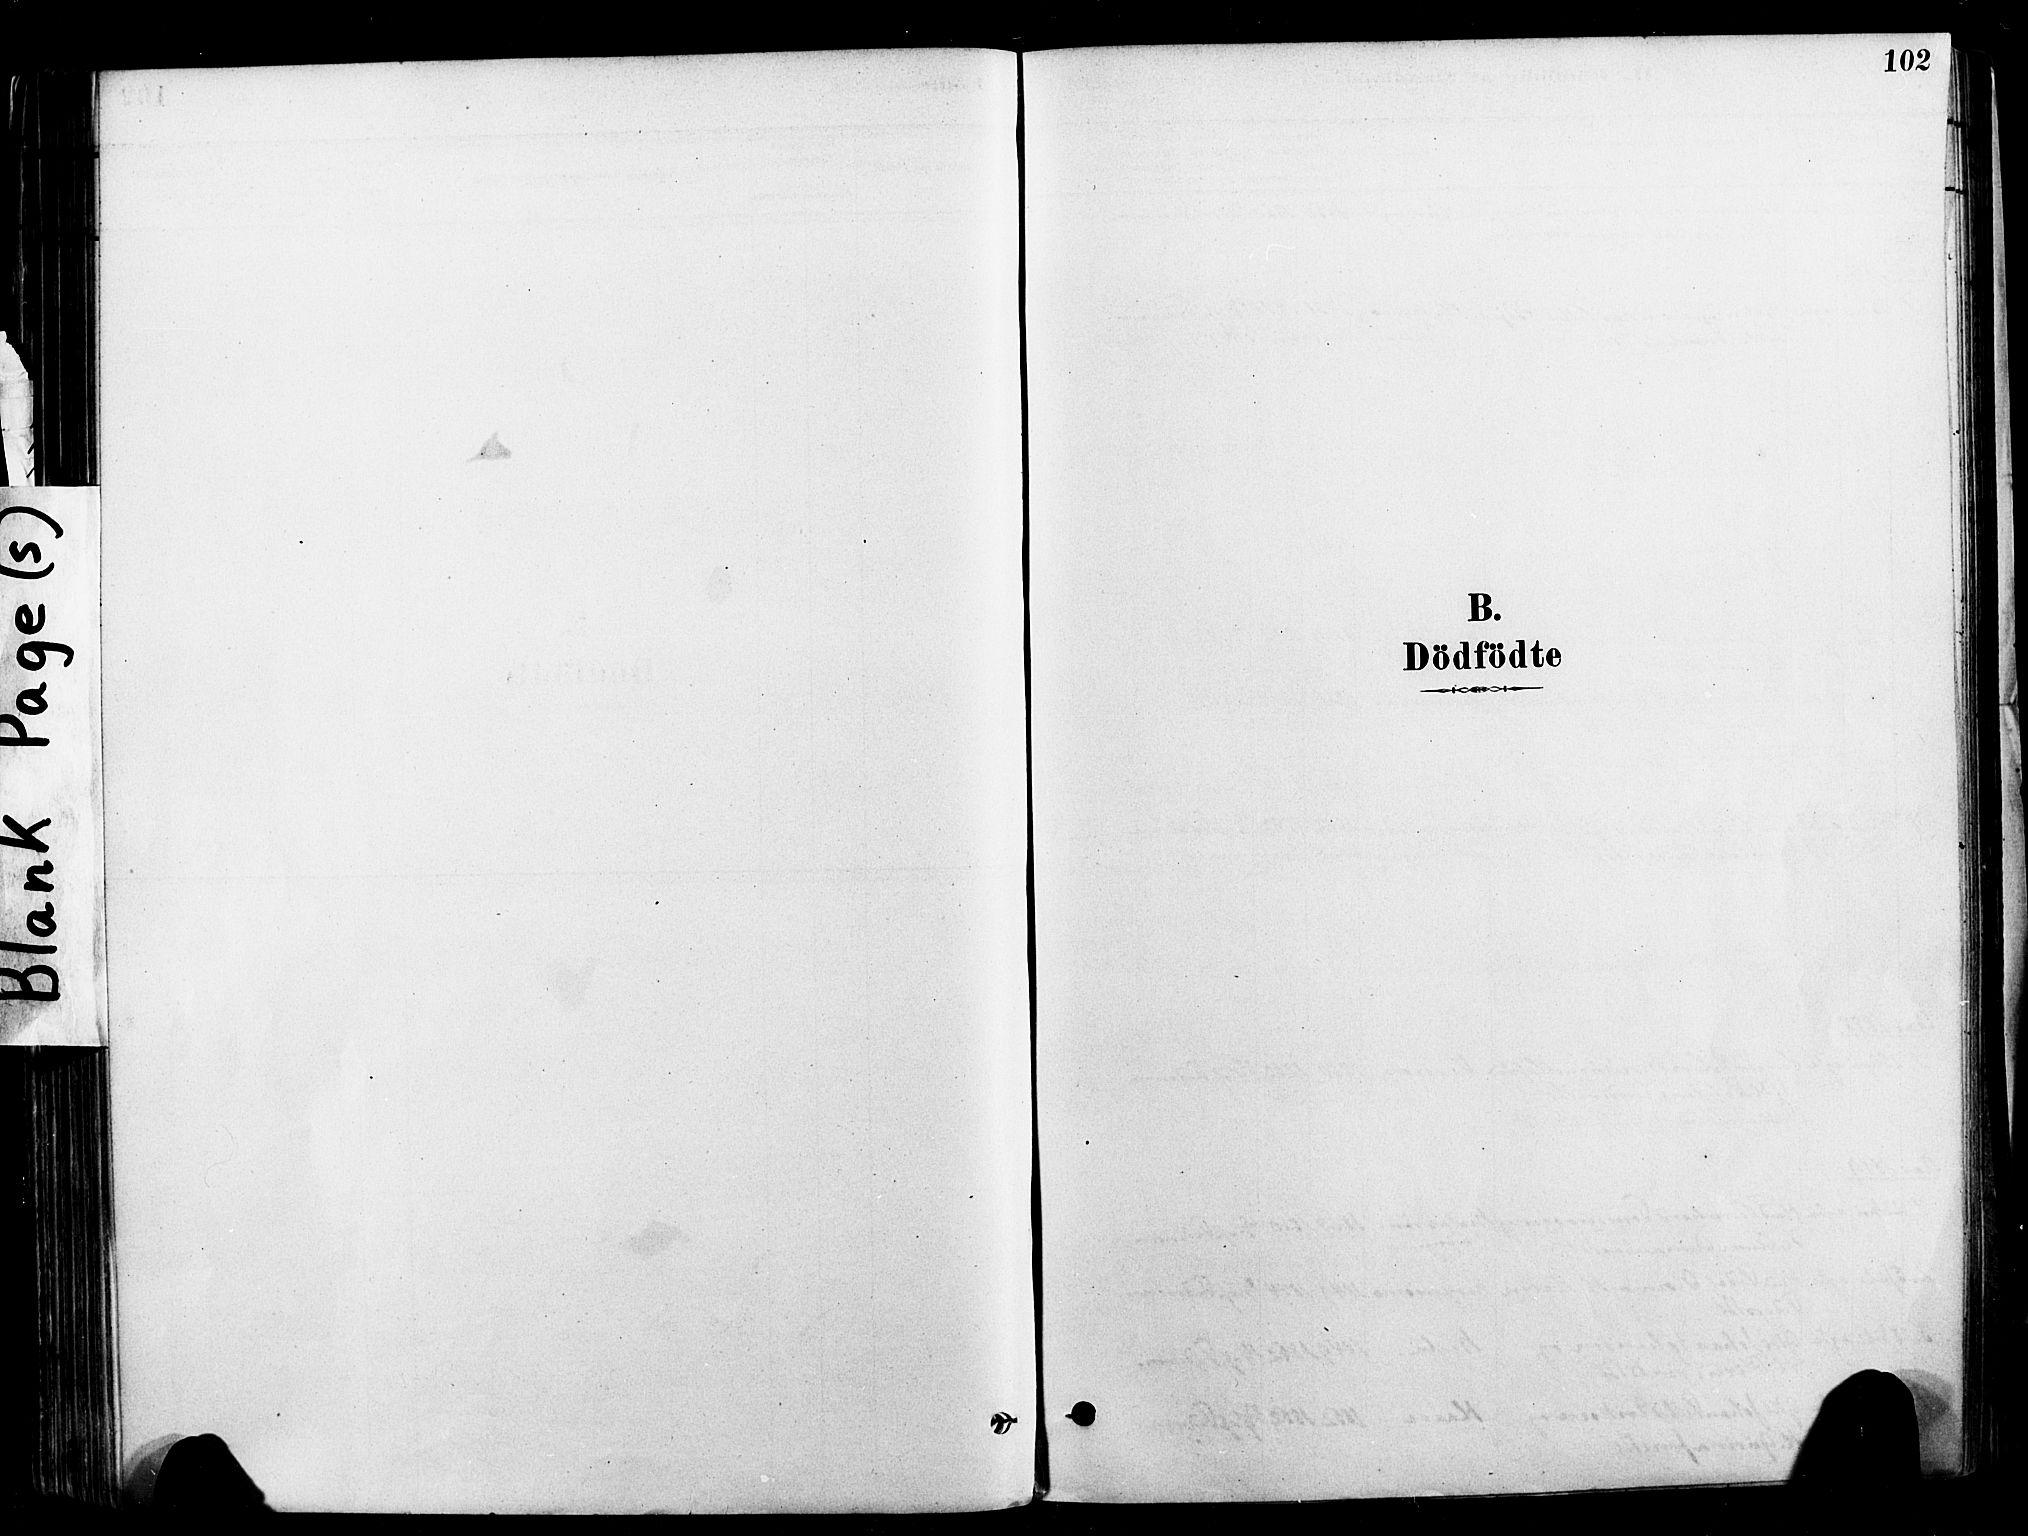 SAT, Ministerialprotokoller, klokkerbøker og fødselsregistre - Nord-Trøndelag, 709/L0077: Ministerialbok nr. 709A17, 1880-1895, s. 102